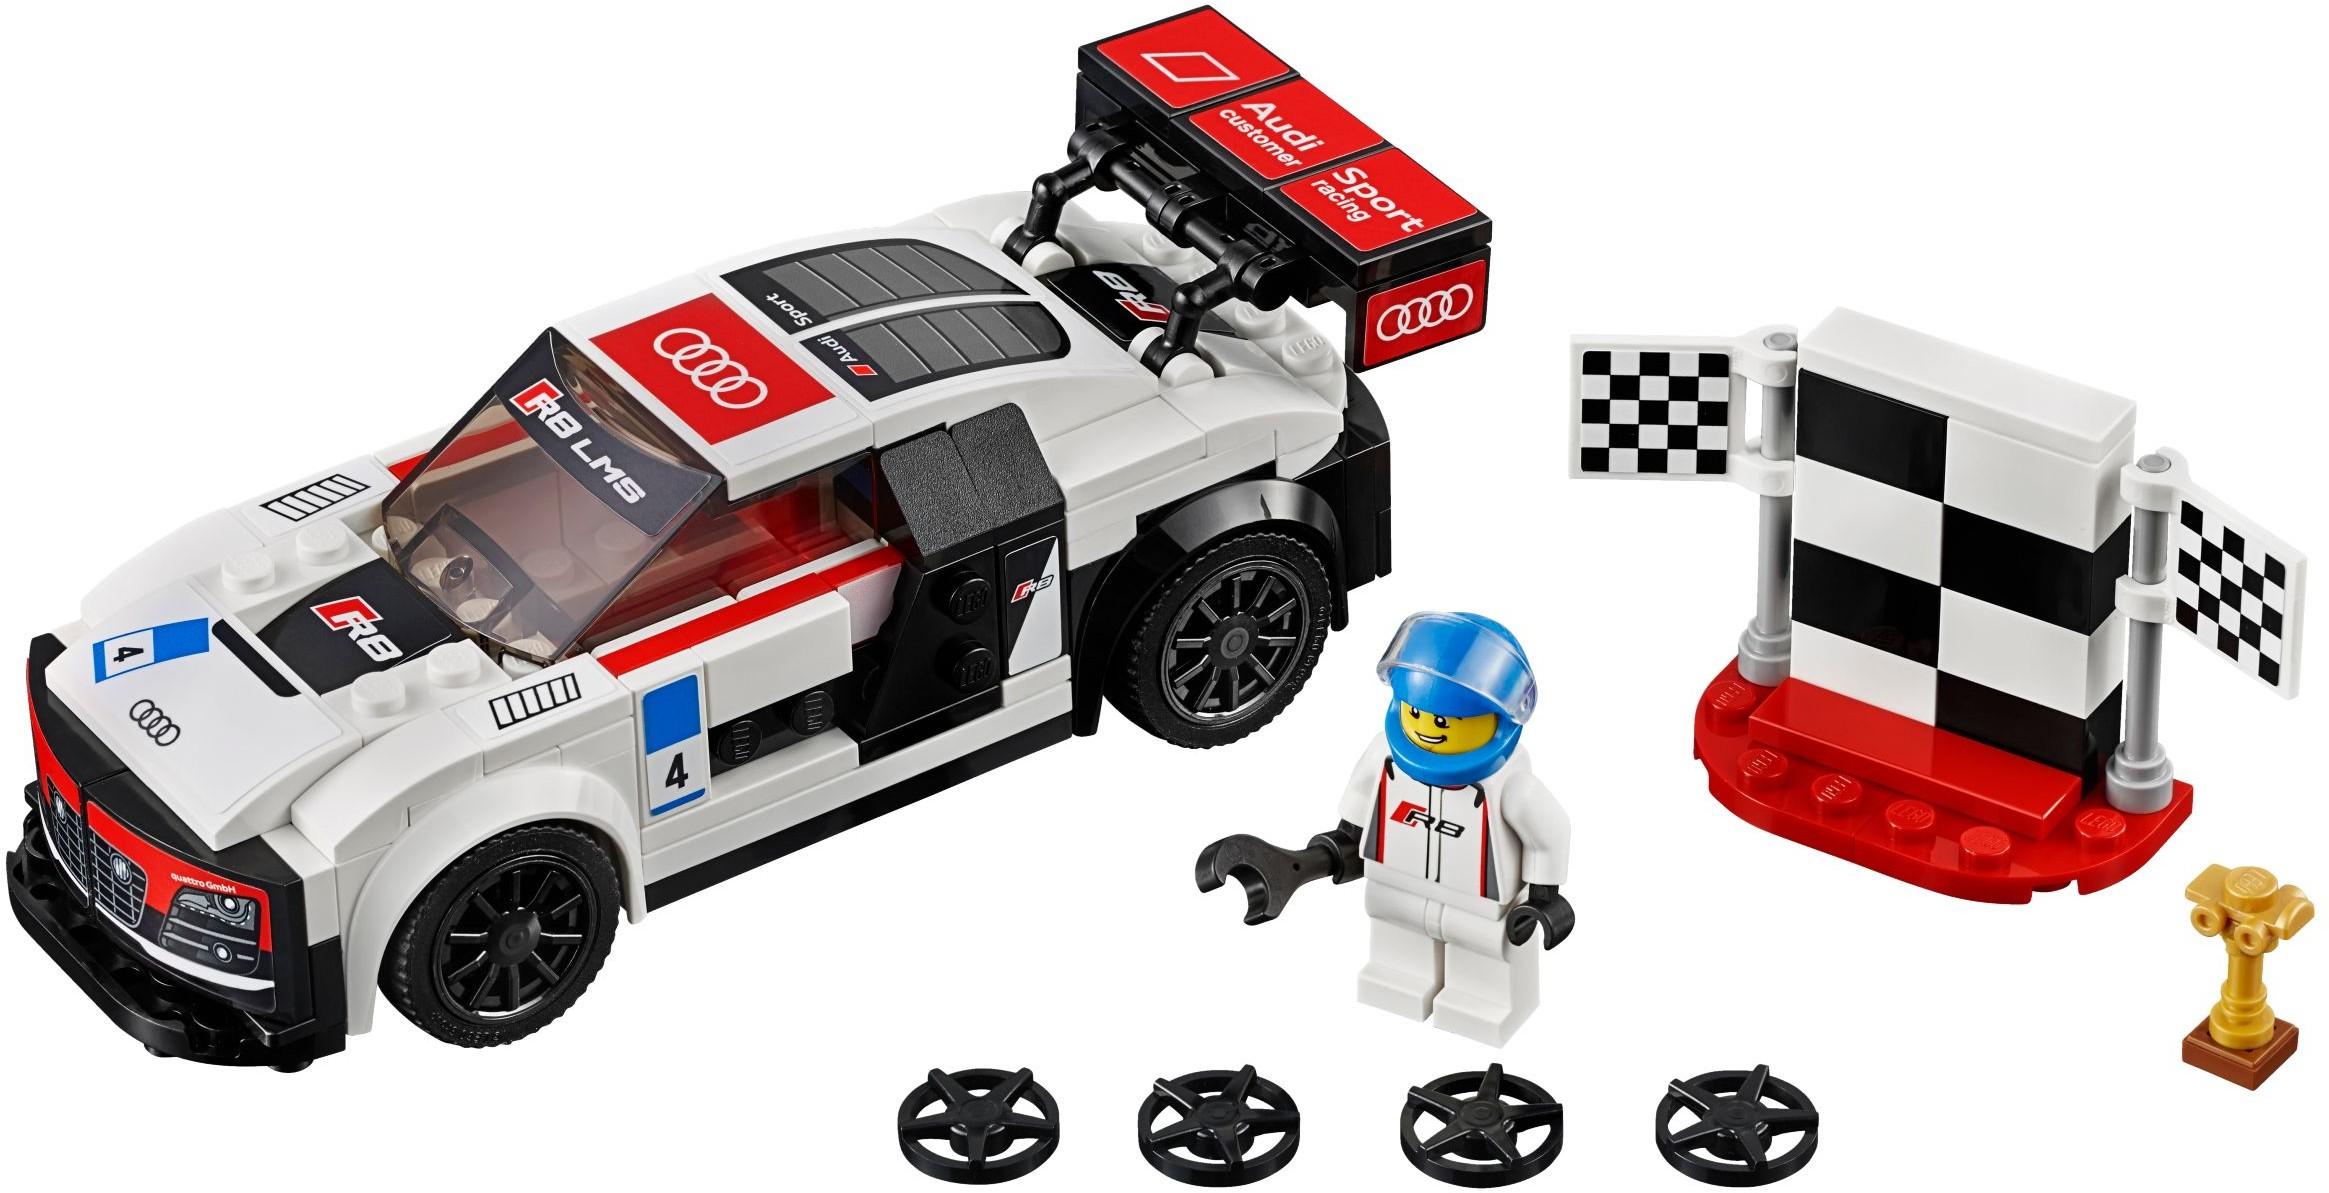 Speed Champions Audi Brickset Lego Set Guide And Database